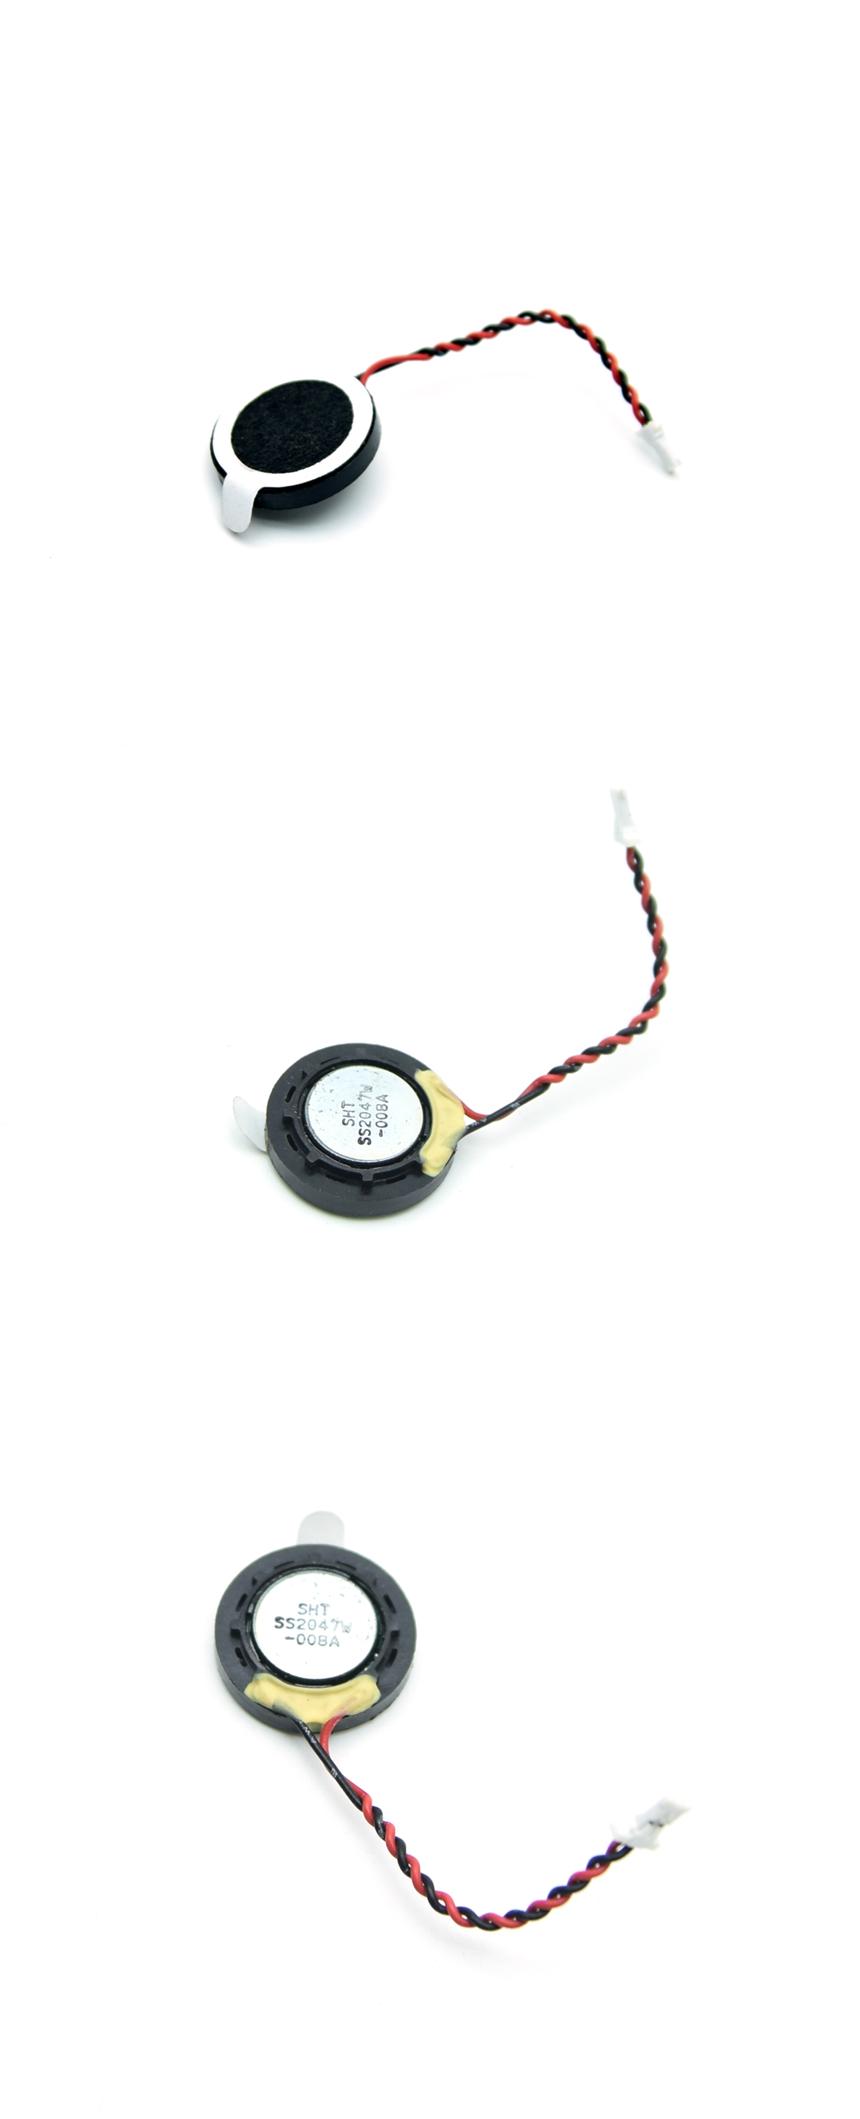 [수량한정] 초미니 다이나믹 스피커 SHT SS2047W-0008A (20mm)